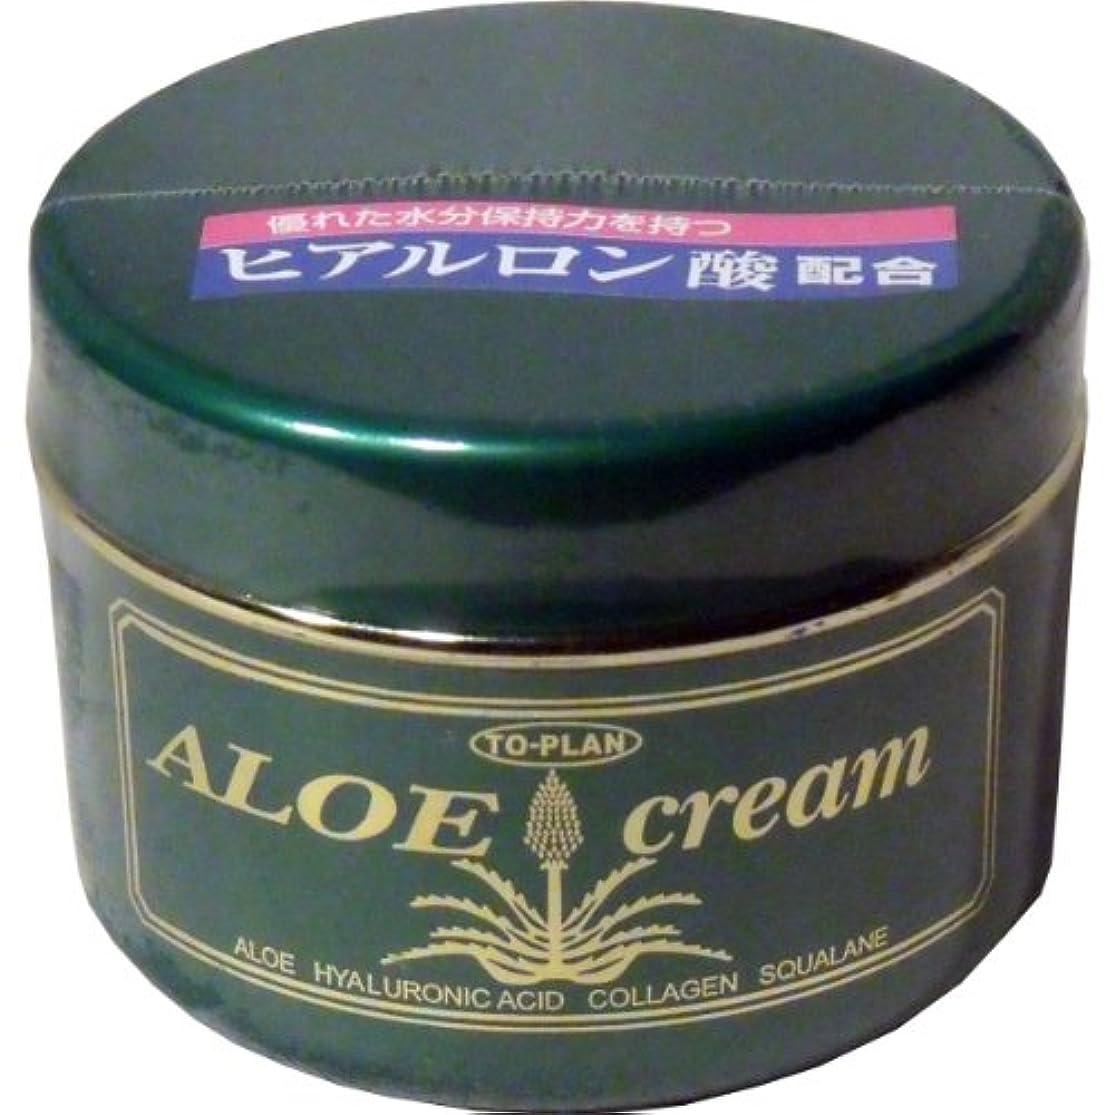 請求可能スーパーマーケット幻影トプラン ハーブフレッシュクリーム(アロエクリーム) ヒアルロン酸 170g ×6個セット